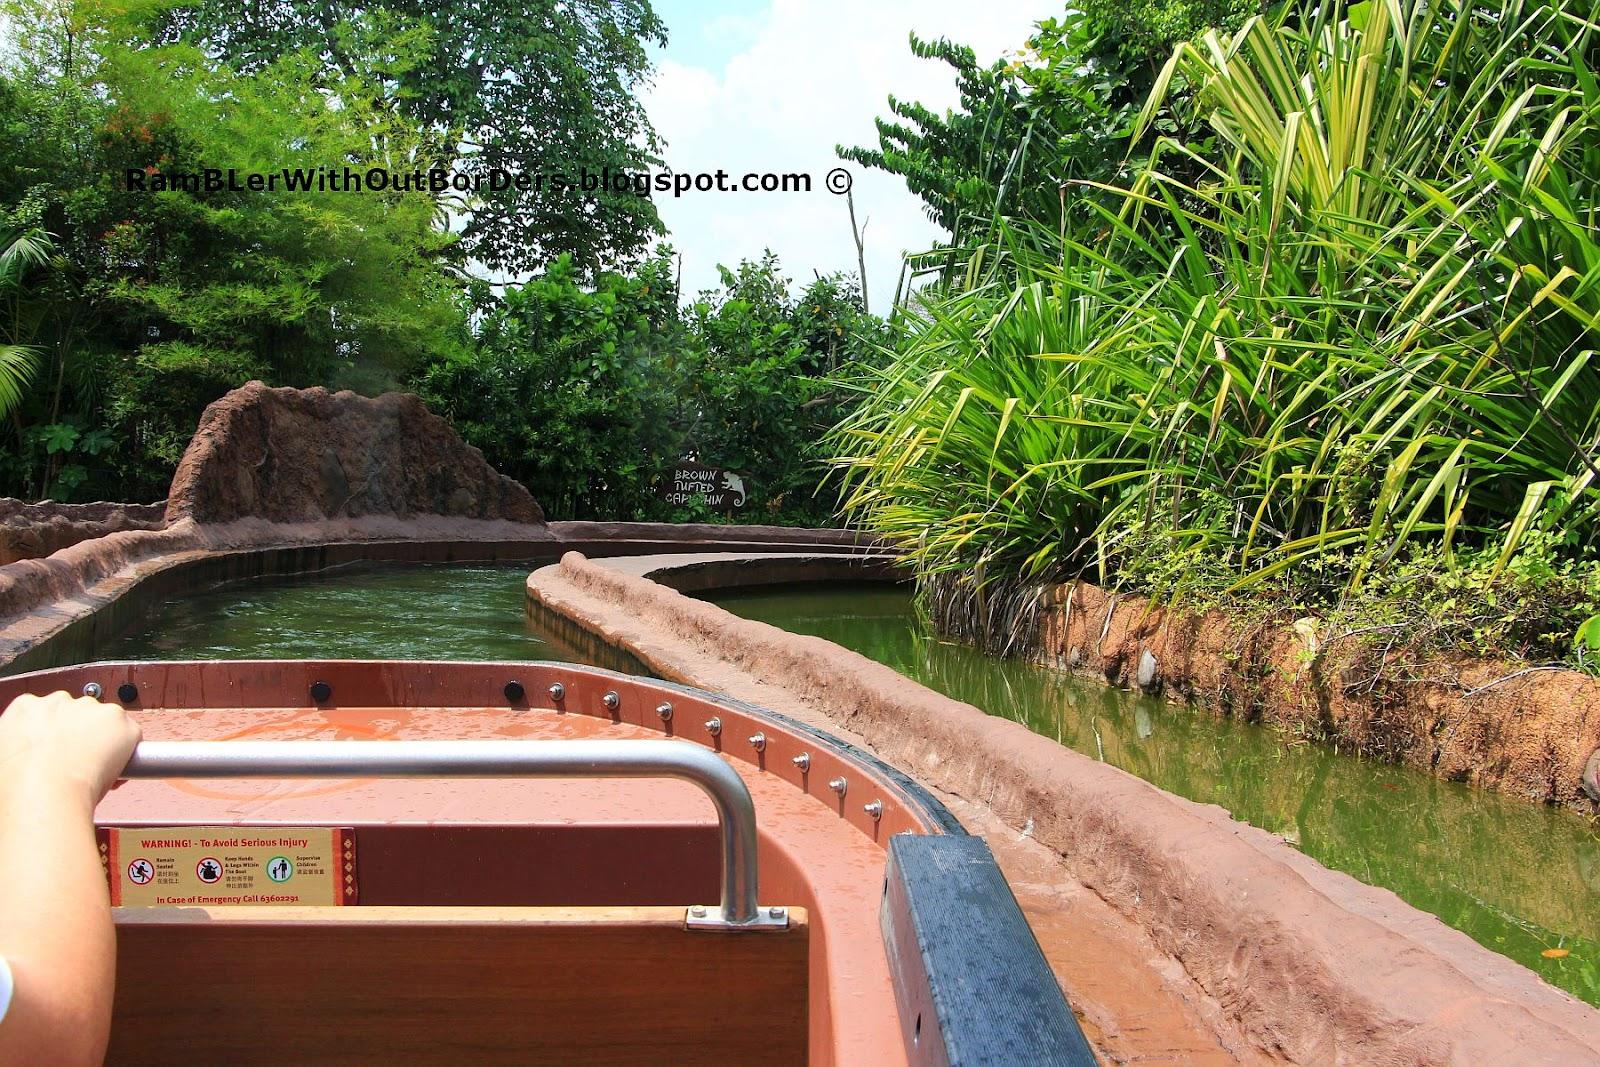 Amazon River Quest, River Safari, Singapore